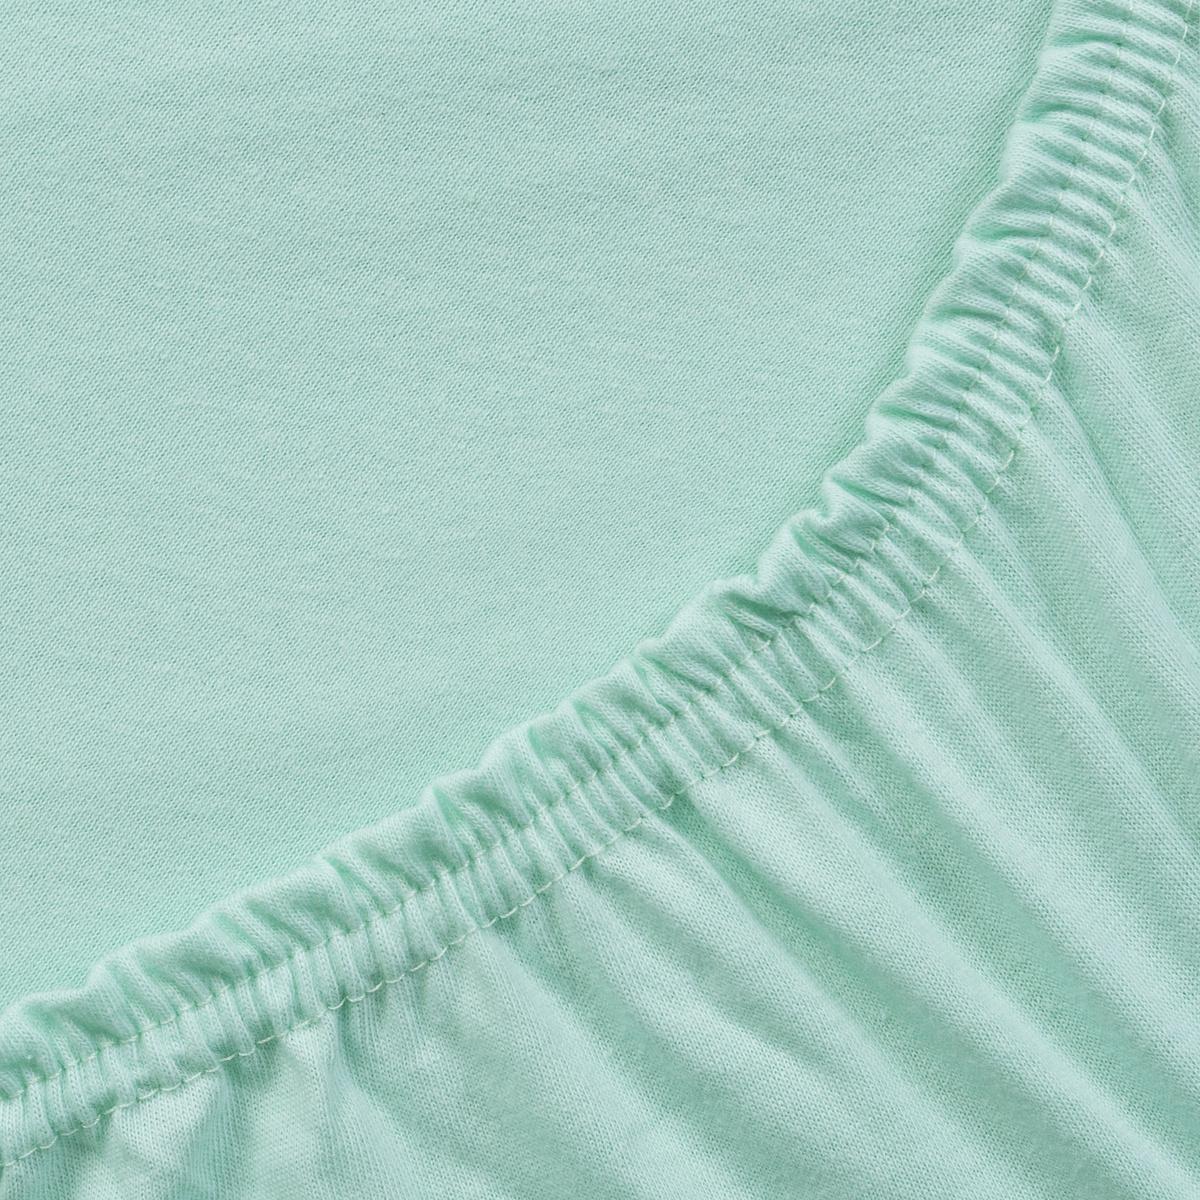 Простыня ТК Традиция Трикотажные простыни, для сна и отдыха, 1443/Мятный, светло-зеленый